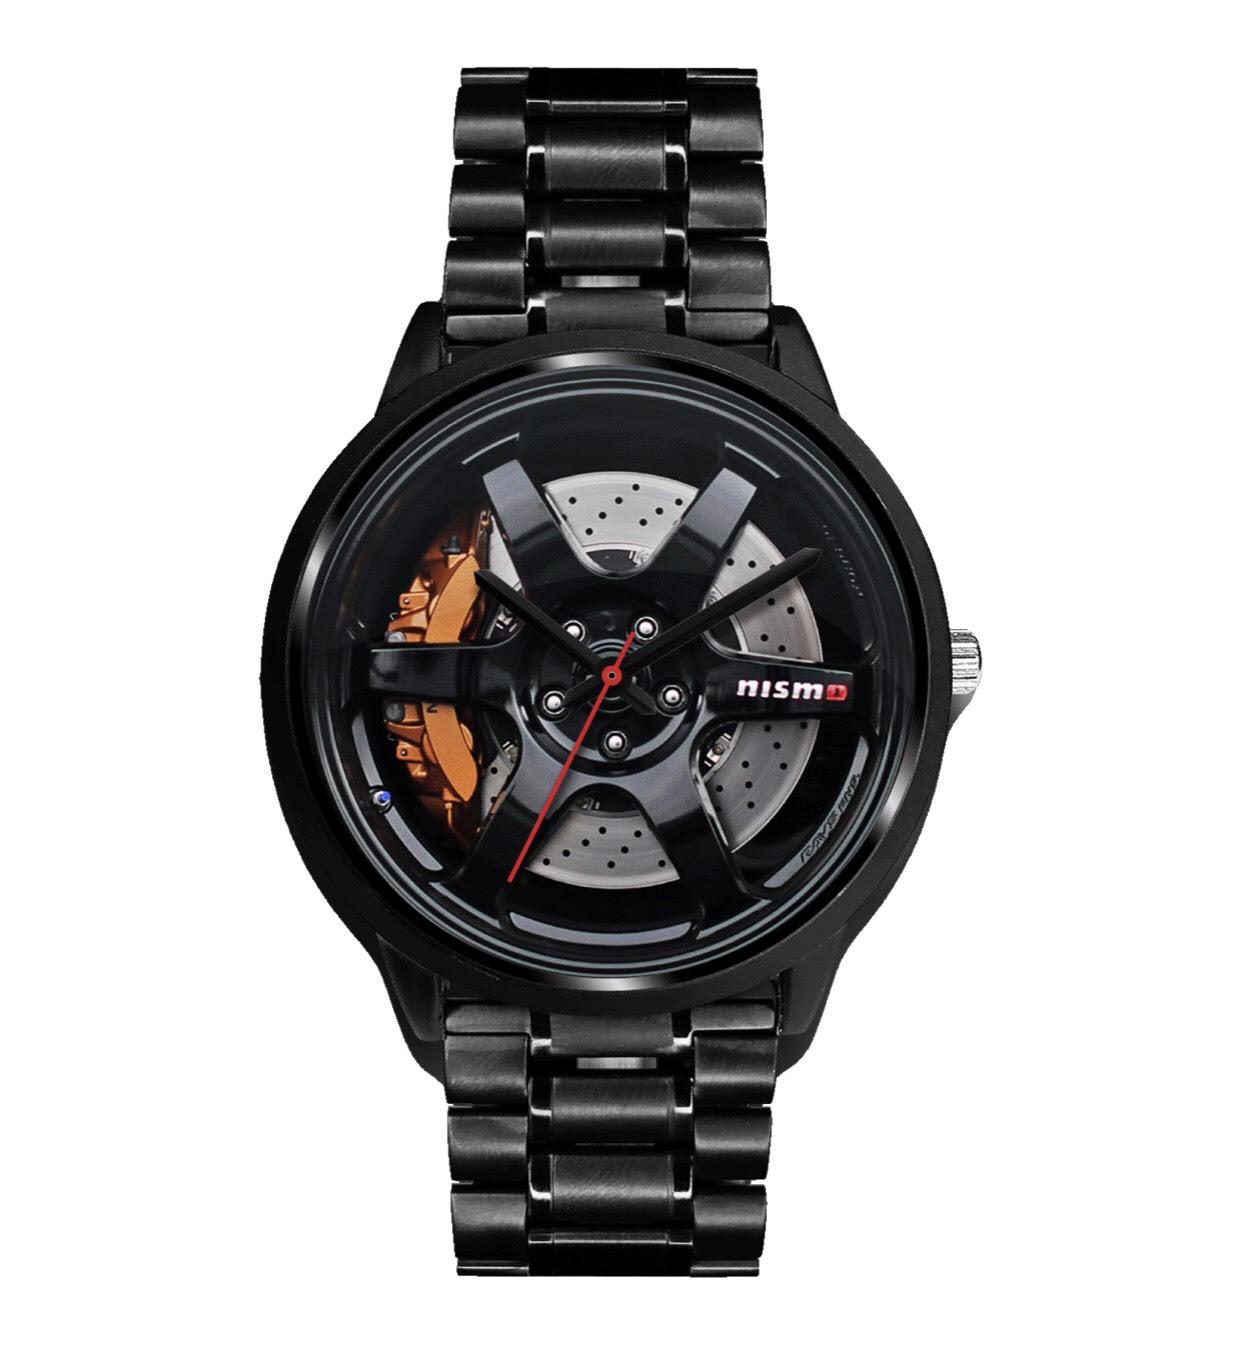 Наручные часы Nismo Nissan Wheel Rim браслет GT-R